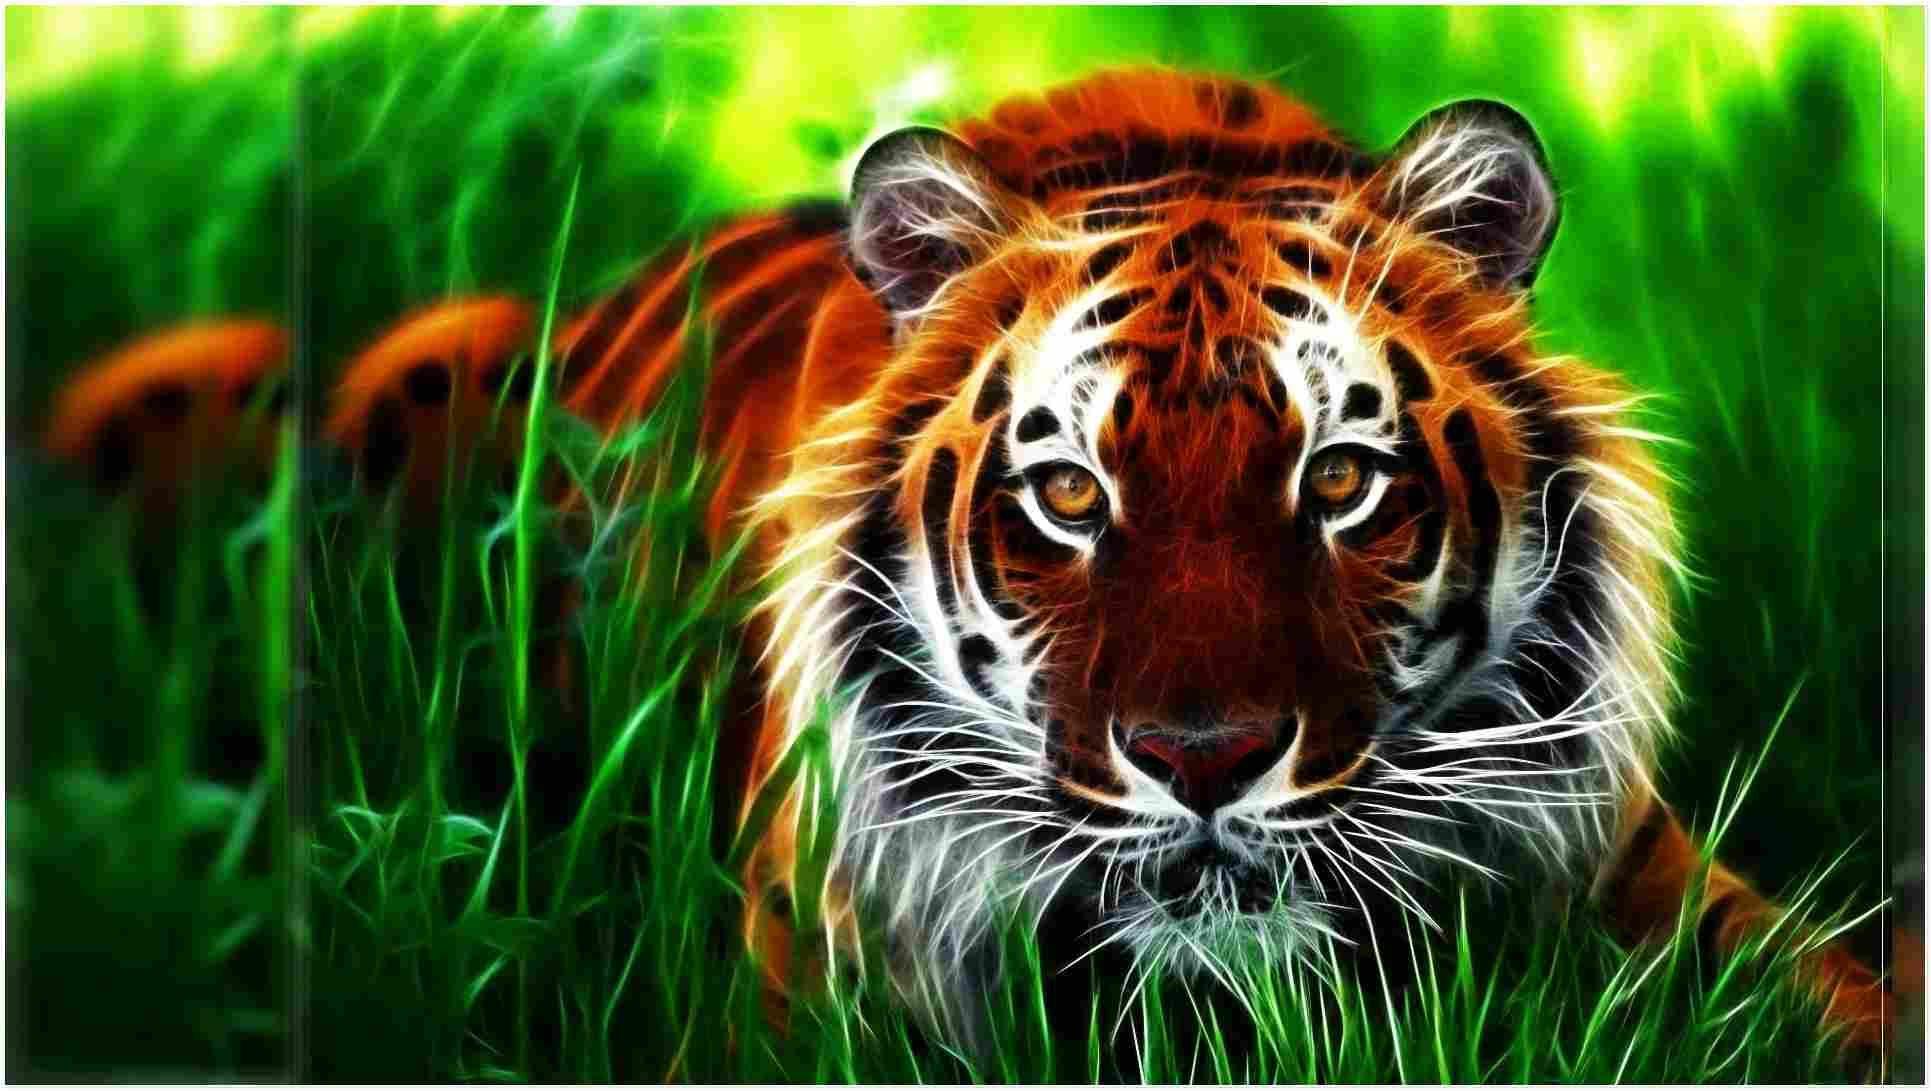 Best Of 12 Desktop Full Screen Wallpapers In 2020 Nature Desktop Wallpaper Hd Wallpapers 3d Animal Wallpaper